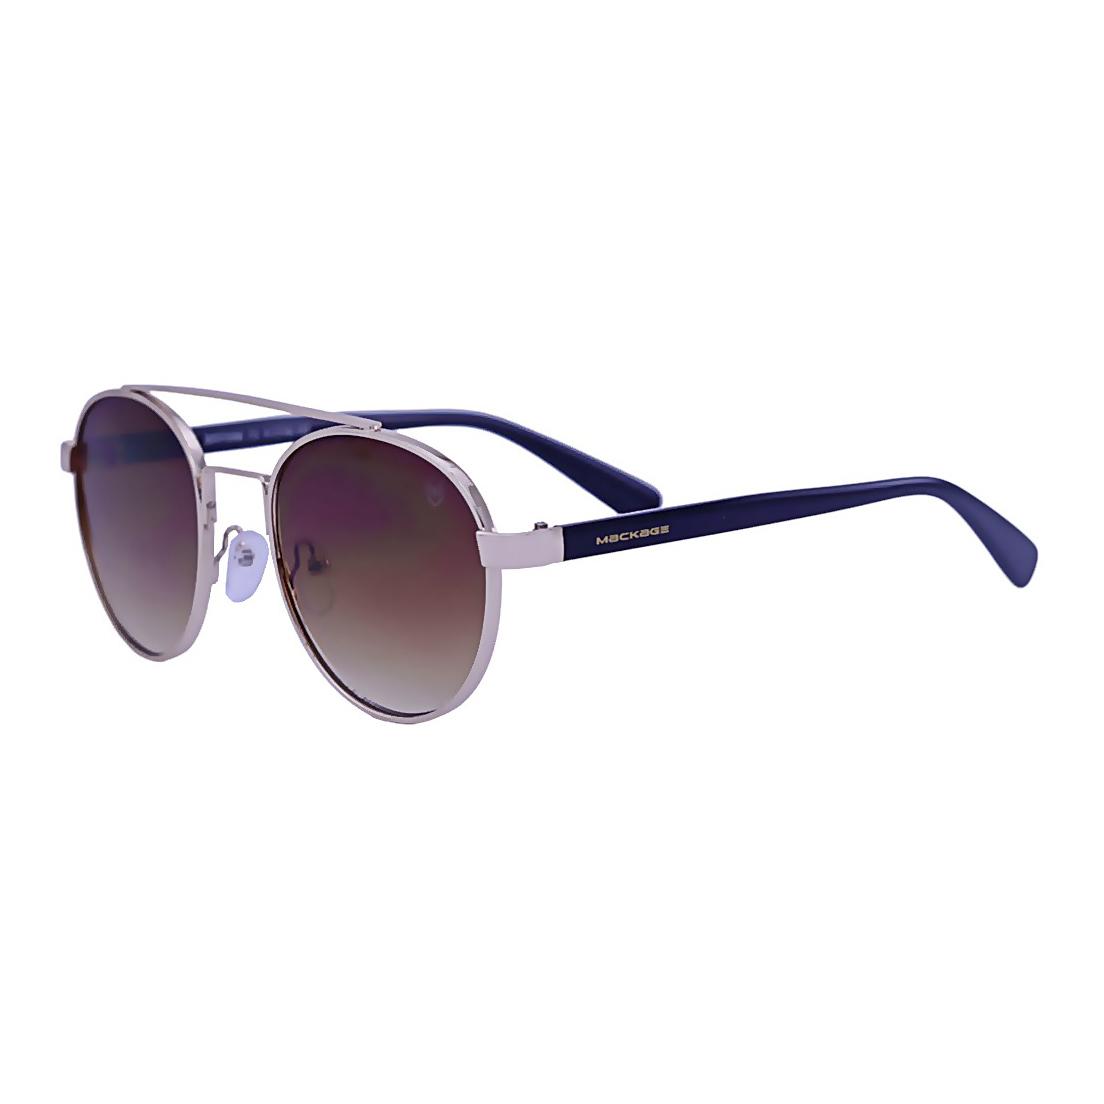 Óculos De Sol Mackage Feminino Metal Redondo - Dourado/Marrom